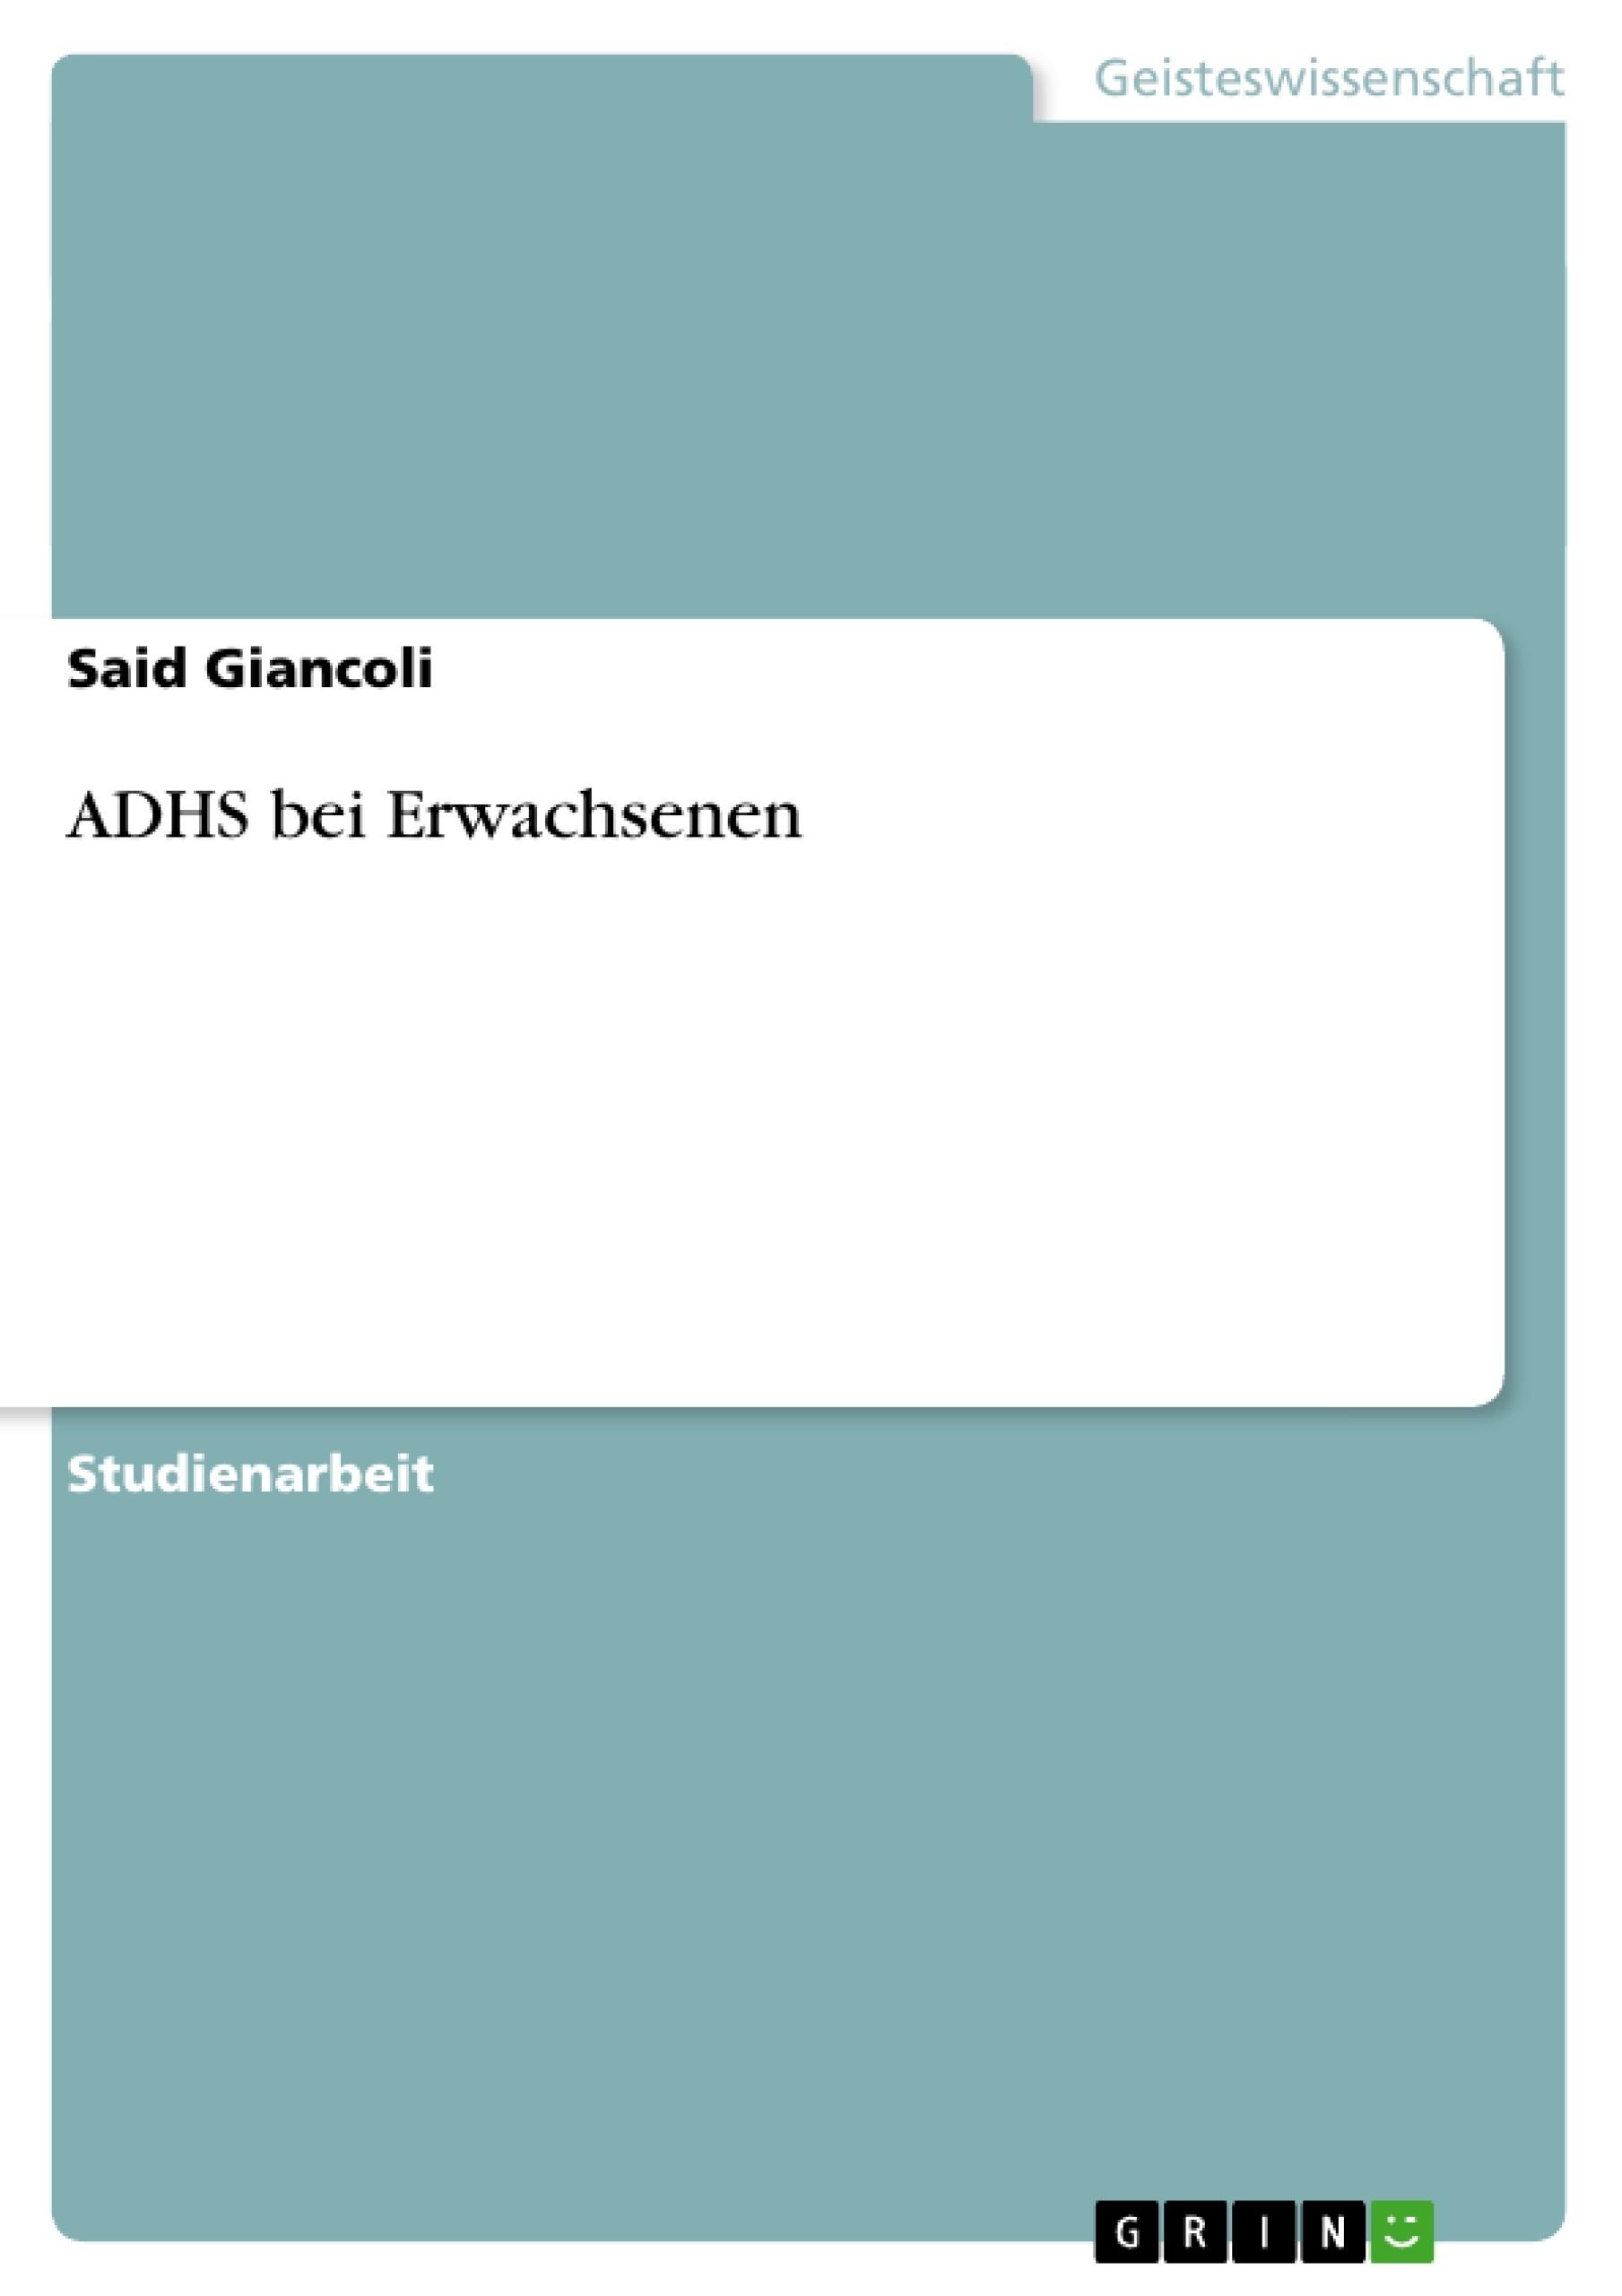 Titel: ADHS bei Erwachsenen